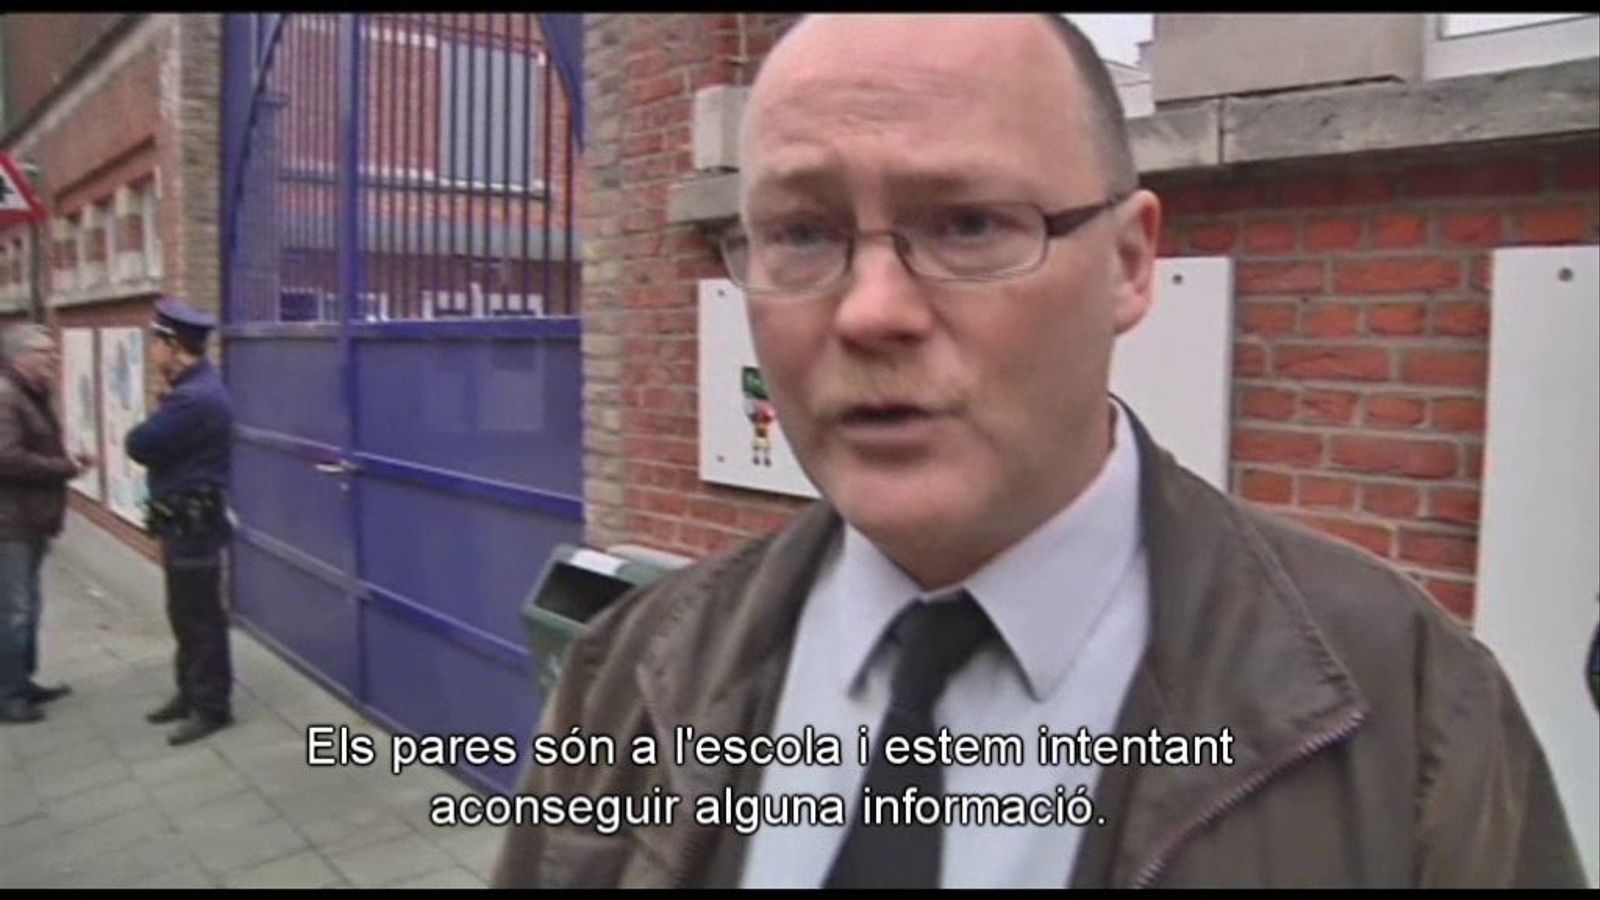 El director de l'escola dels nens accidentats a Suïssa, consternat davant la tragèdia